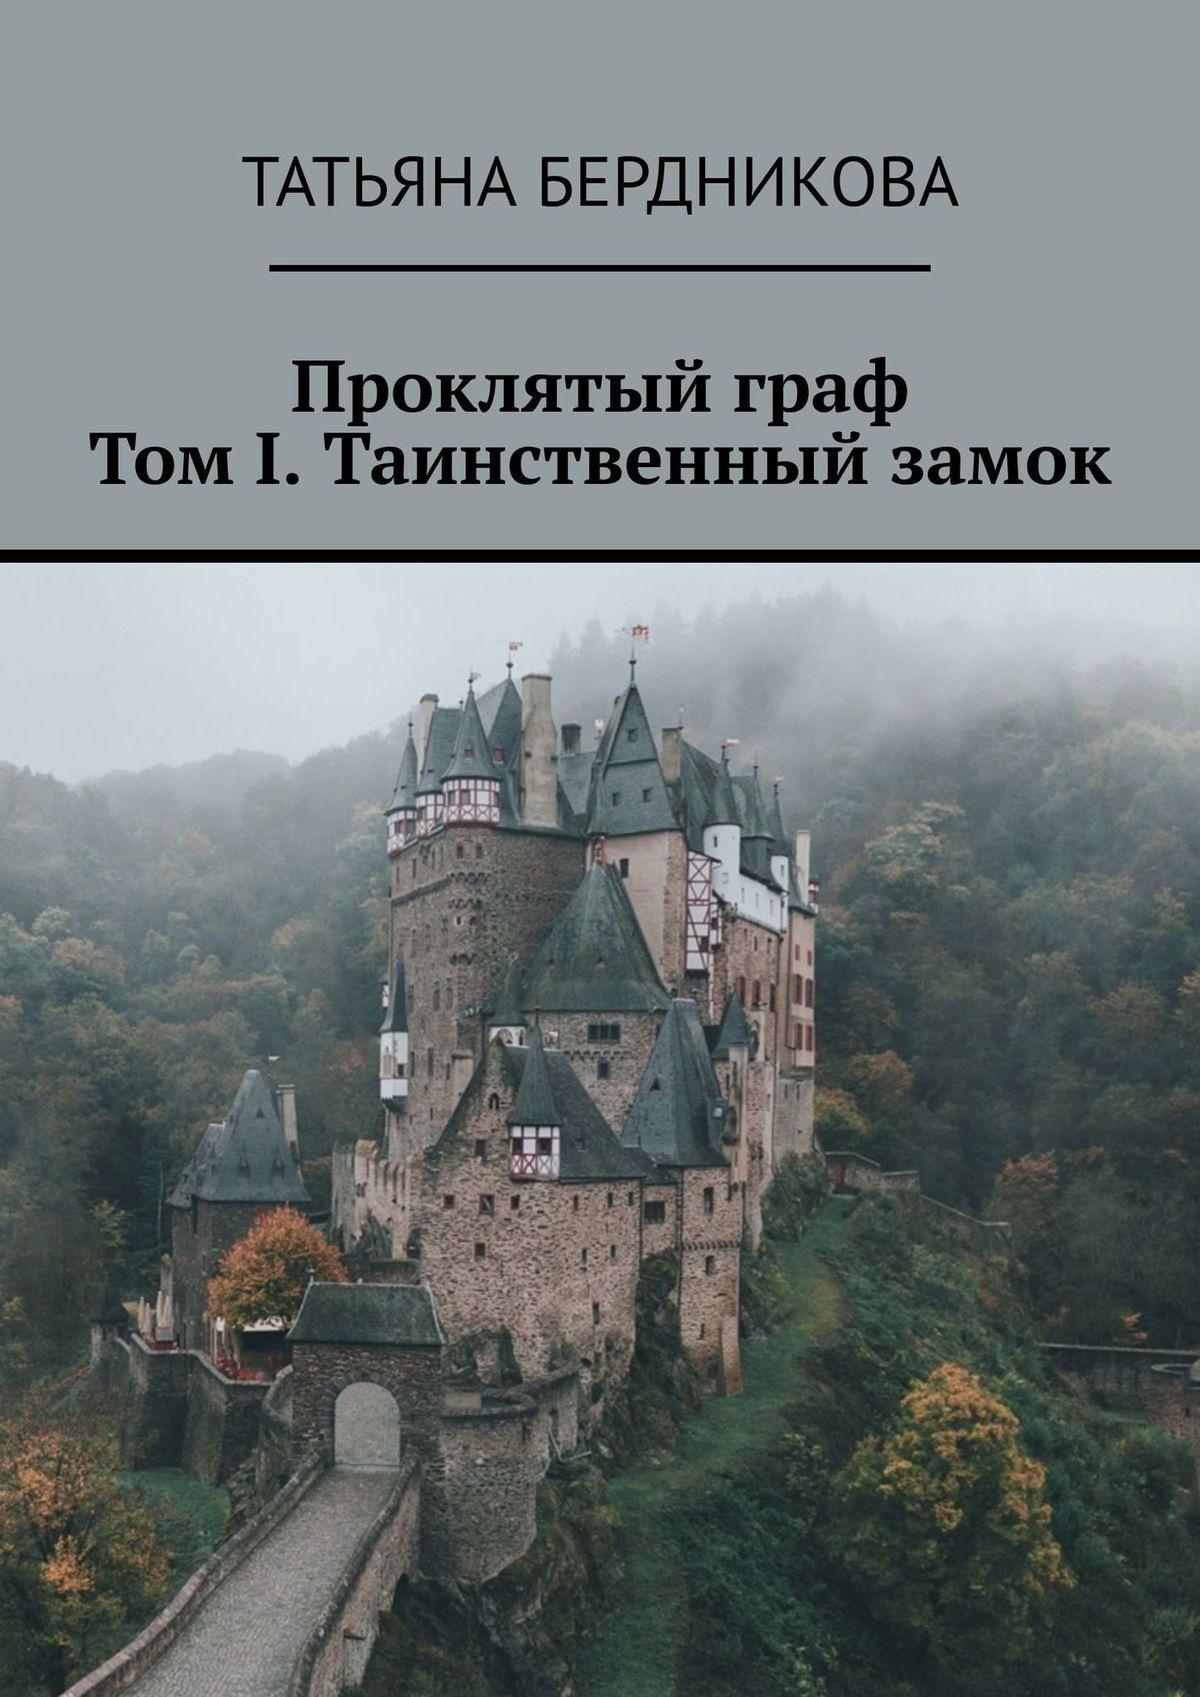 Проклятыйграф. ТомI. Таинственный замок